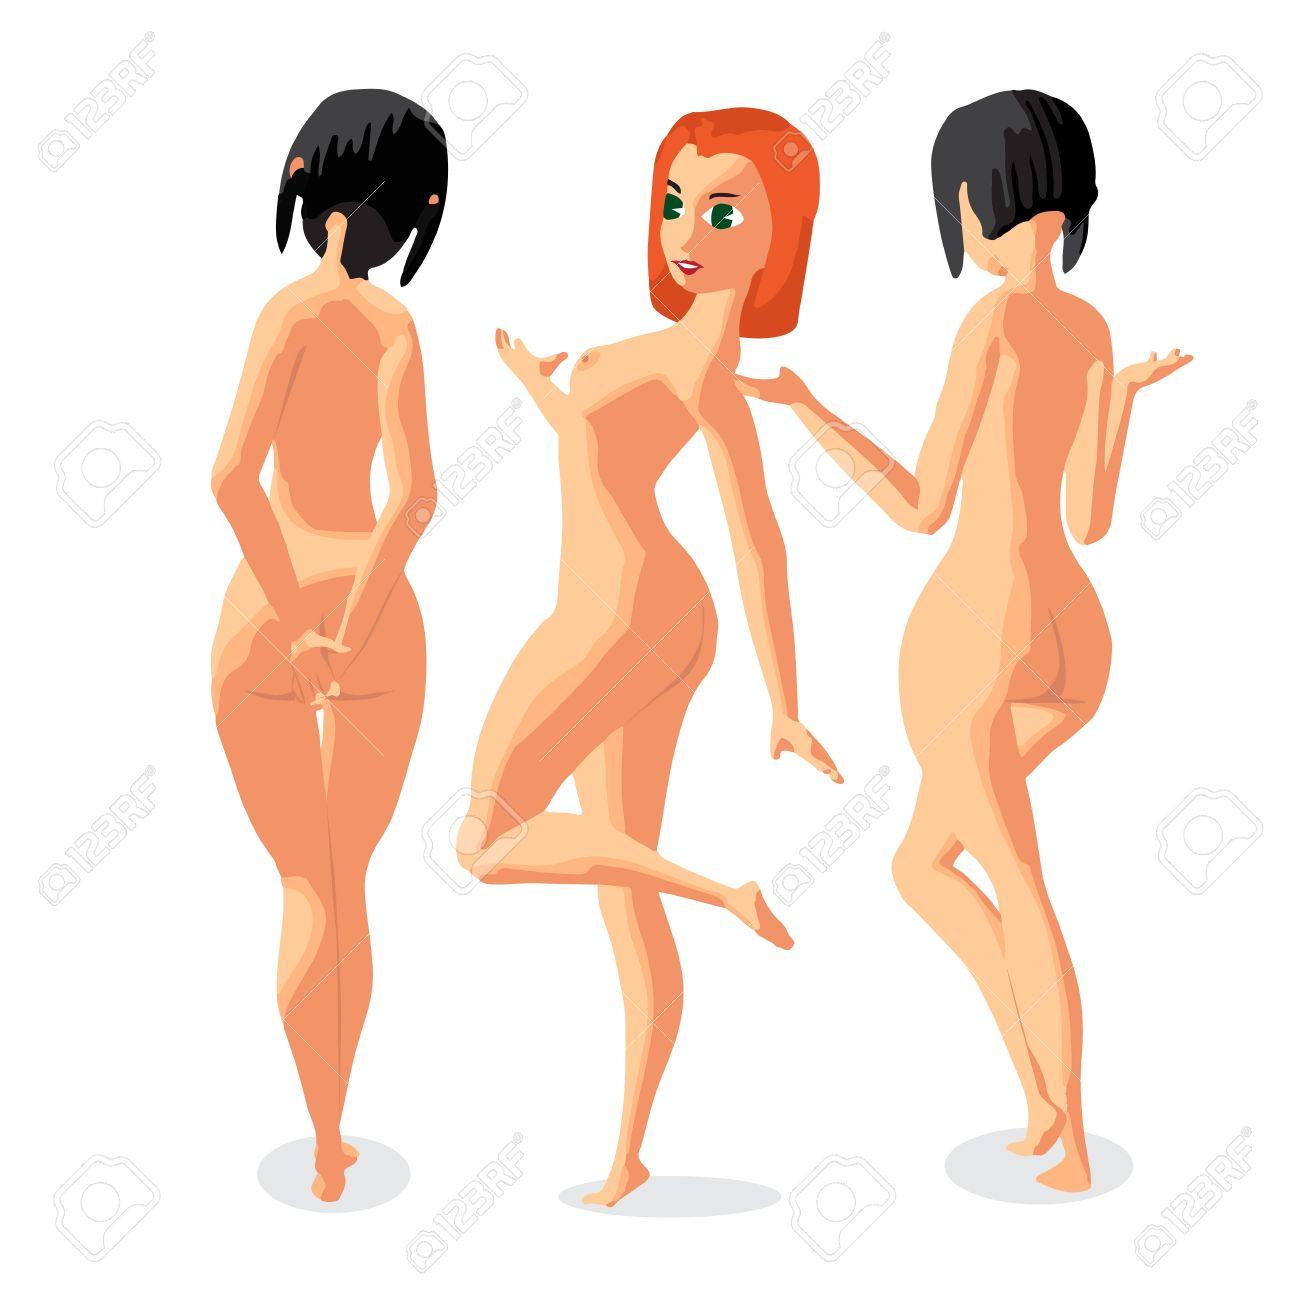 セットの 3 人の女性のヌーディストは立って日光浴です 背面図 フラットの漫画イラストを分離しました 裸のビーチで漫画の女の子のイラスト素材 ベクタ Image